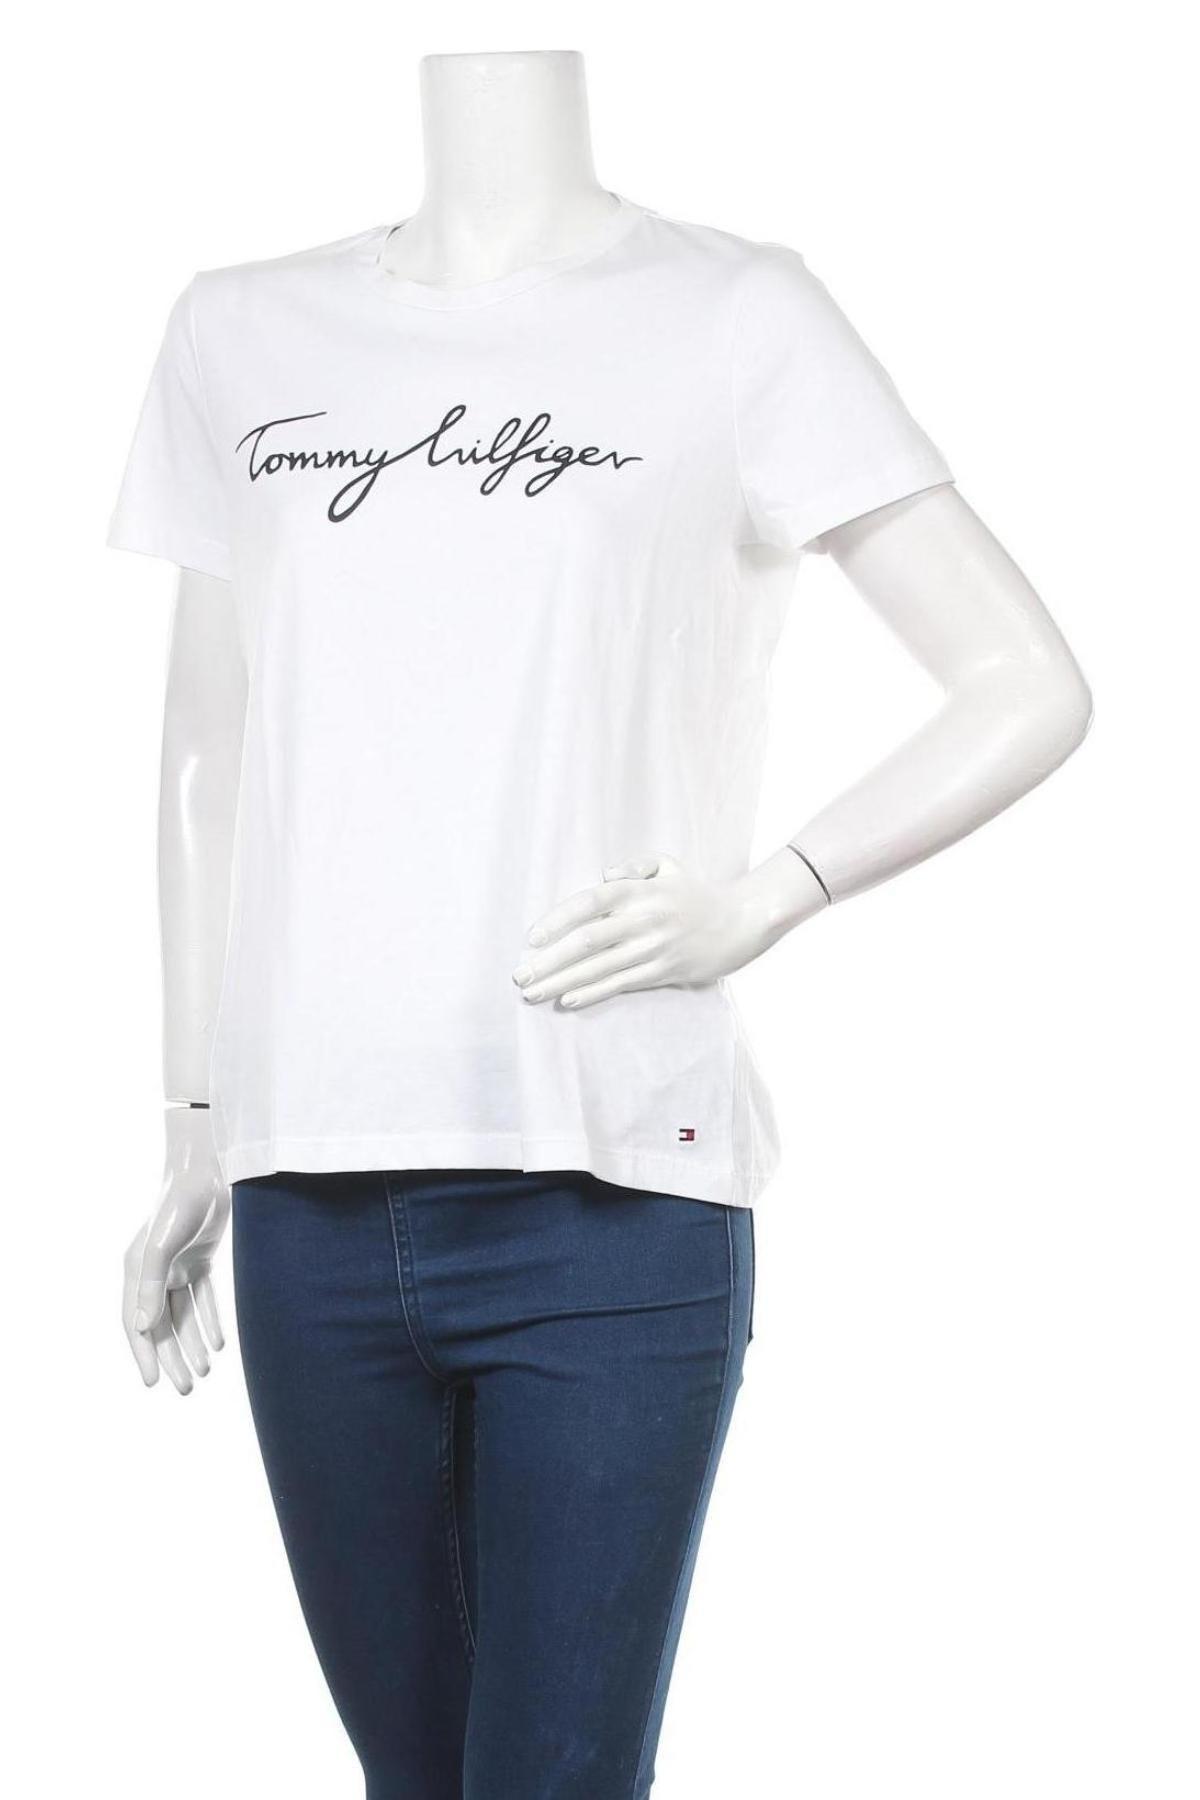 Дамска тениска Tommy Hilfiger, Размер L, Цвят Бял, Памук, Цена 57,00лв.